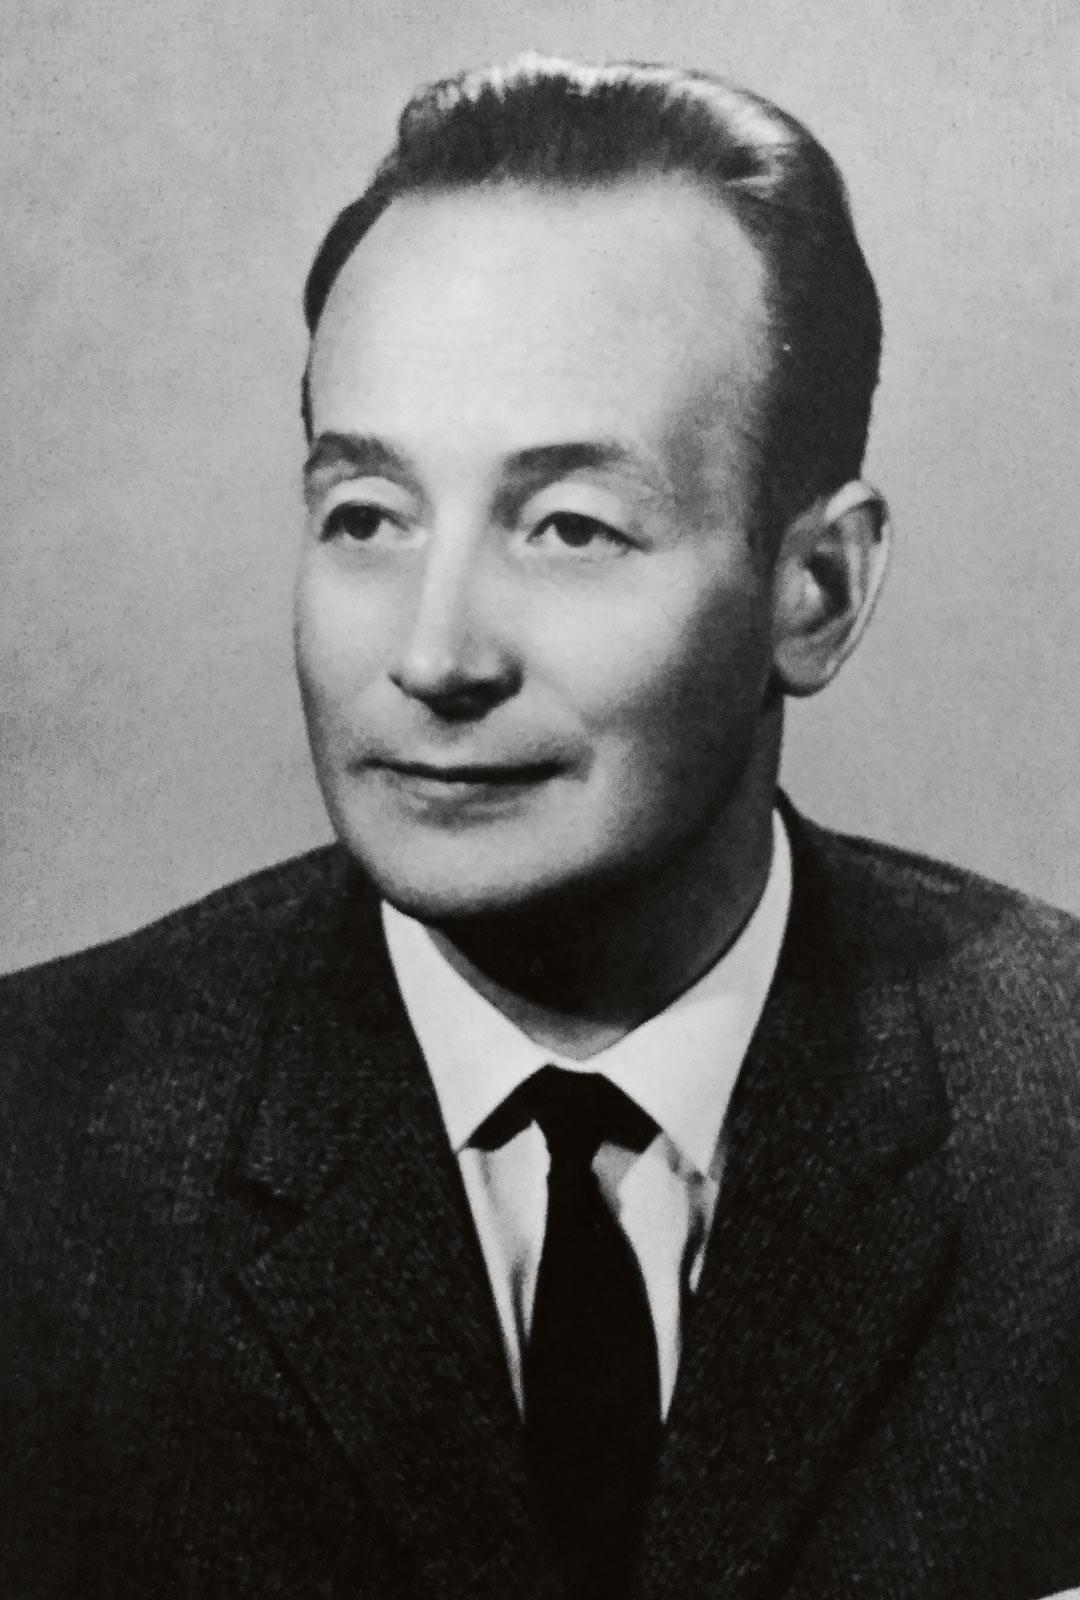 Aatto Wuorenlinna ja Jukka Keto olivat entisiä sotilaspoikia, jotka karsastivat Neuvostoliiton vaikutusvaltaa Suomen asioihin.